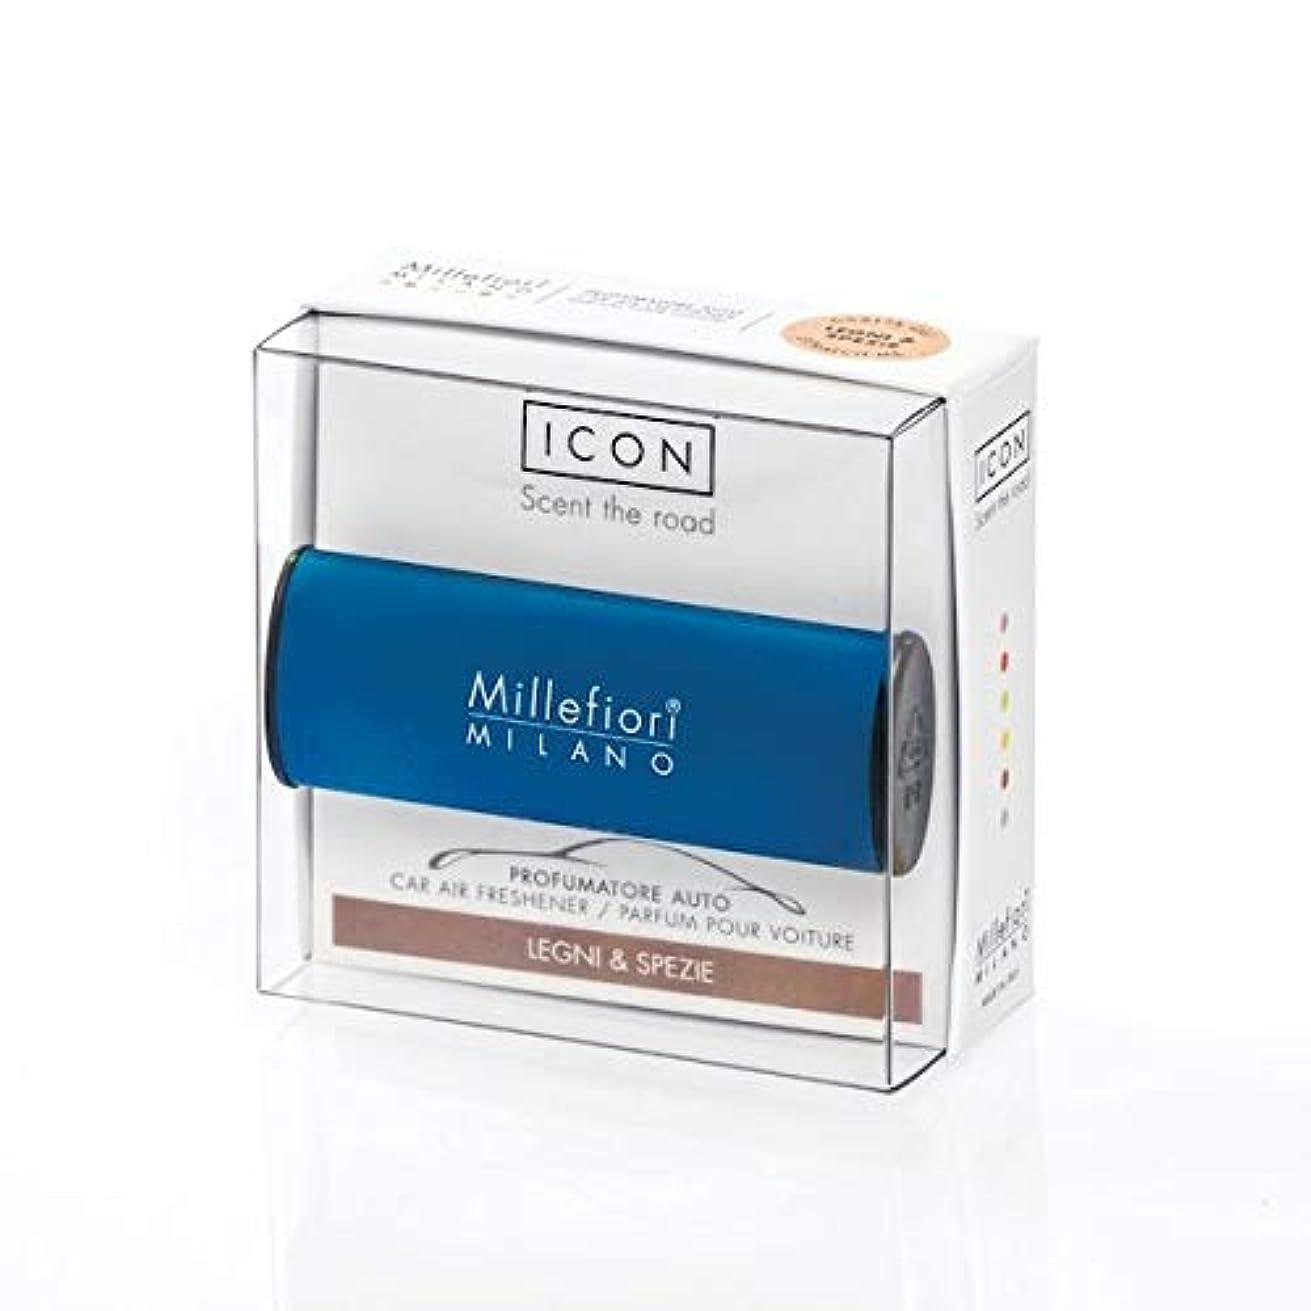 援助わな保険ミッレフィオーリ(Millefiori) カーエアフレッシュナー ICON CLASSIC BLUE- スパイシーウッド(LEGNI & SPEZIE) [並行輸入品]